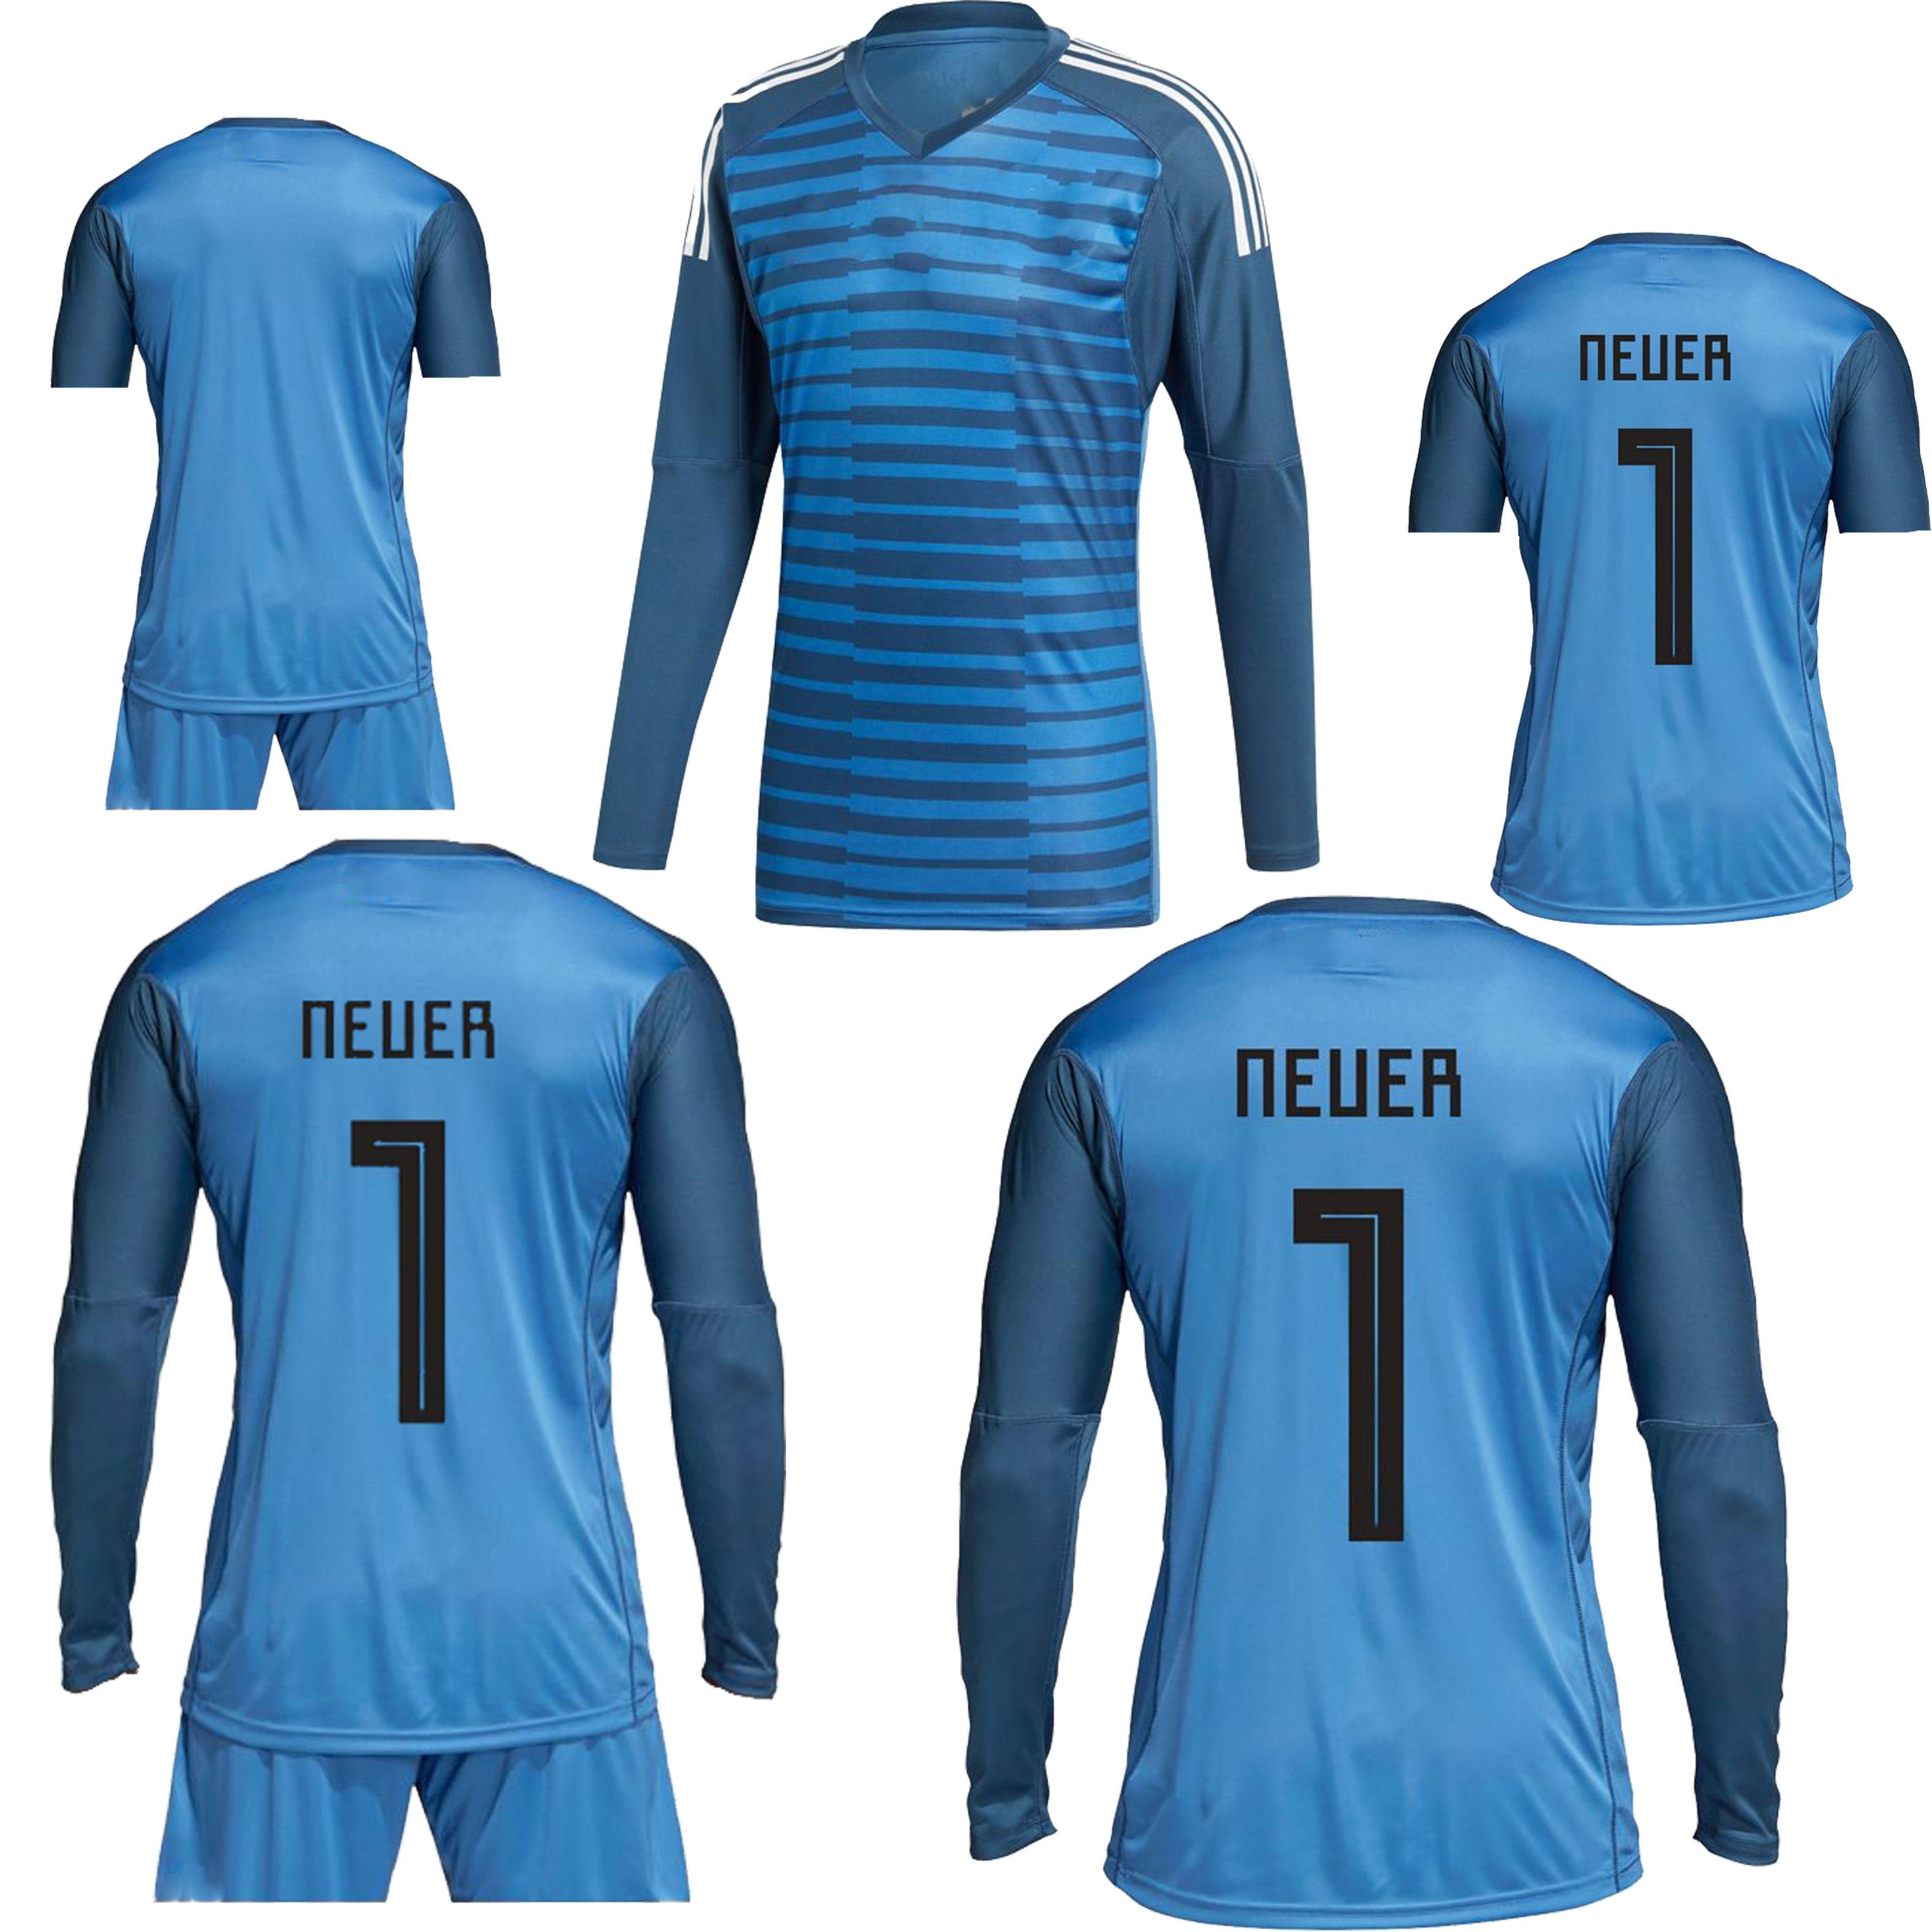 4e77c62d16d 2019 2018 World Cup NEUER TER STEGEN Long Sleeve Goalkeeper Jersey Kit  NEUER TER STEGEN SANE DRAXLER 2018 Long Sleeve Goalkeeper Football Shirt  From ...